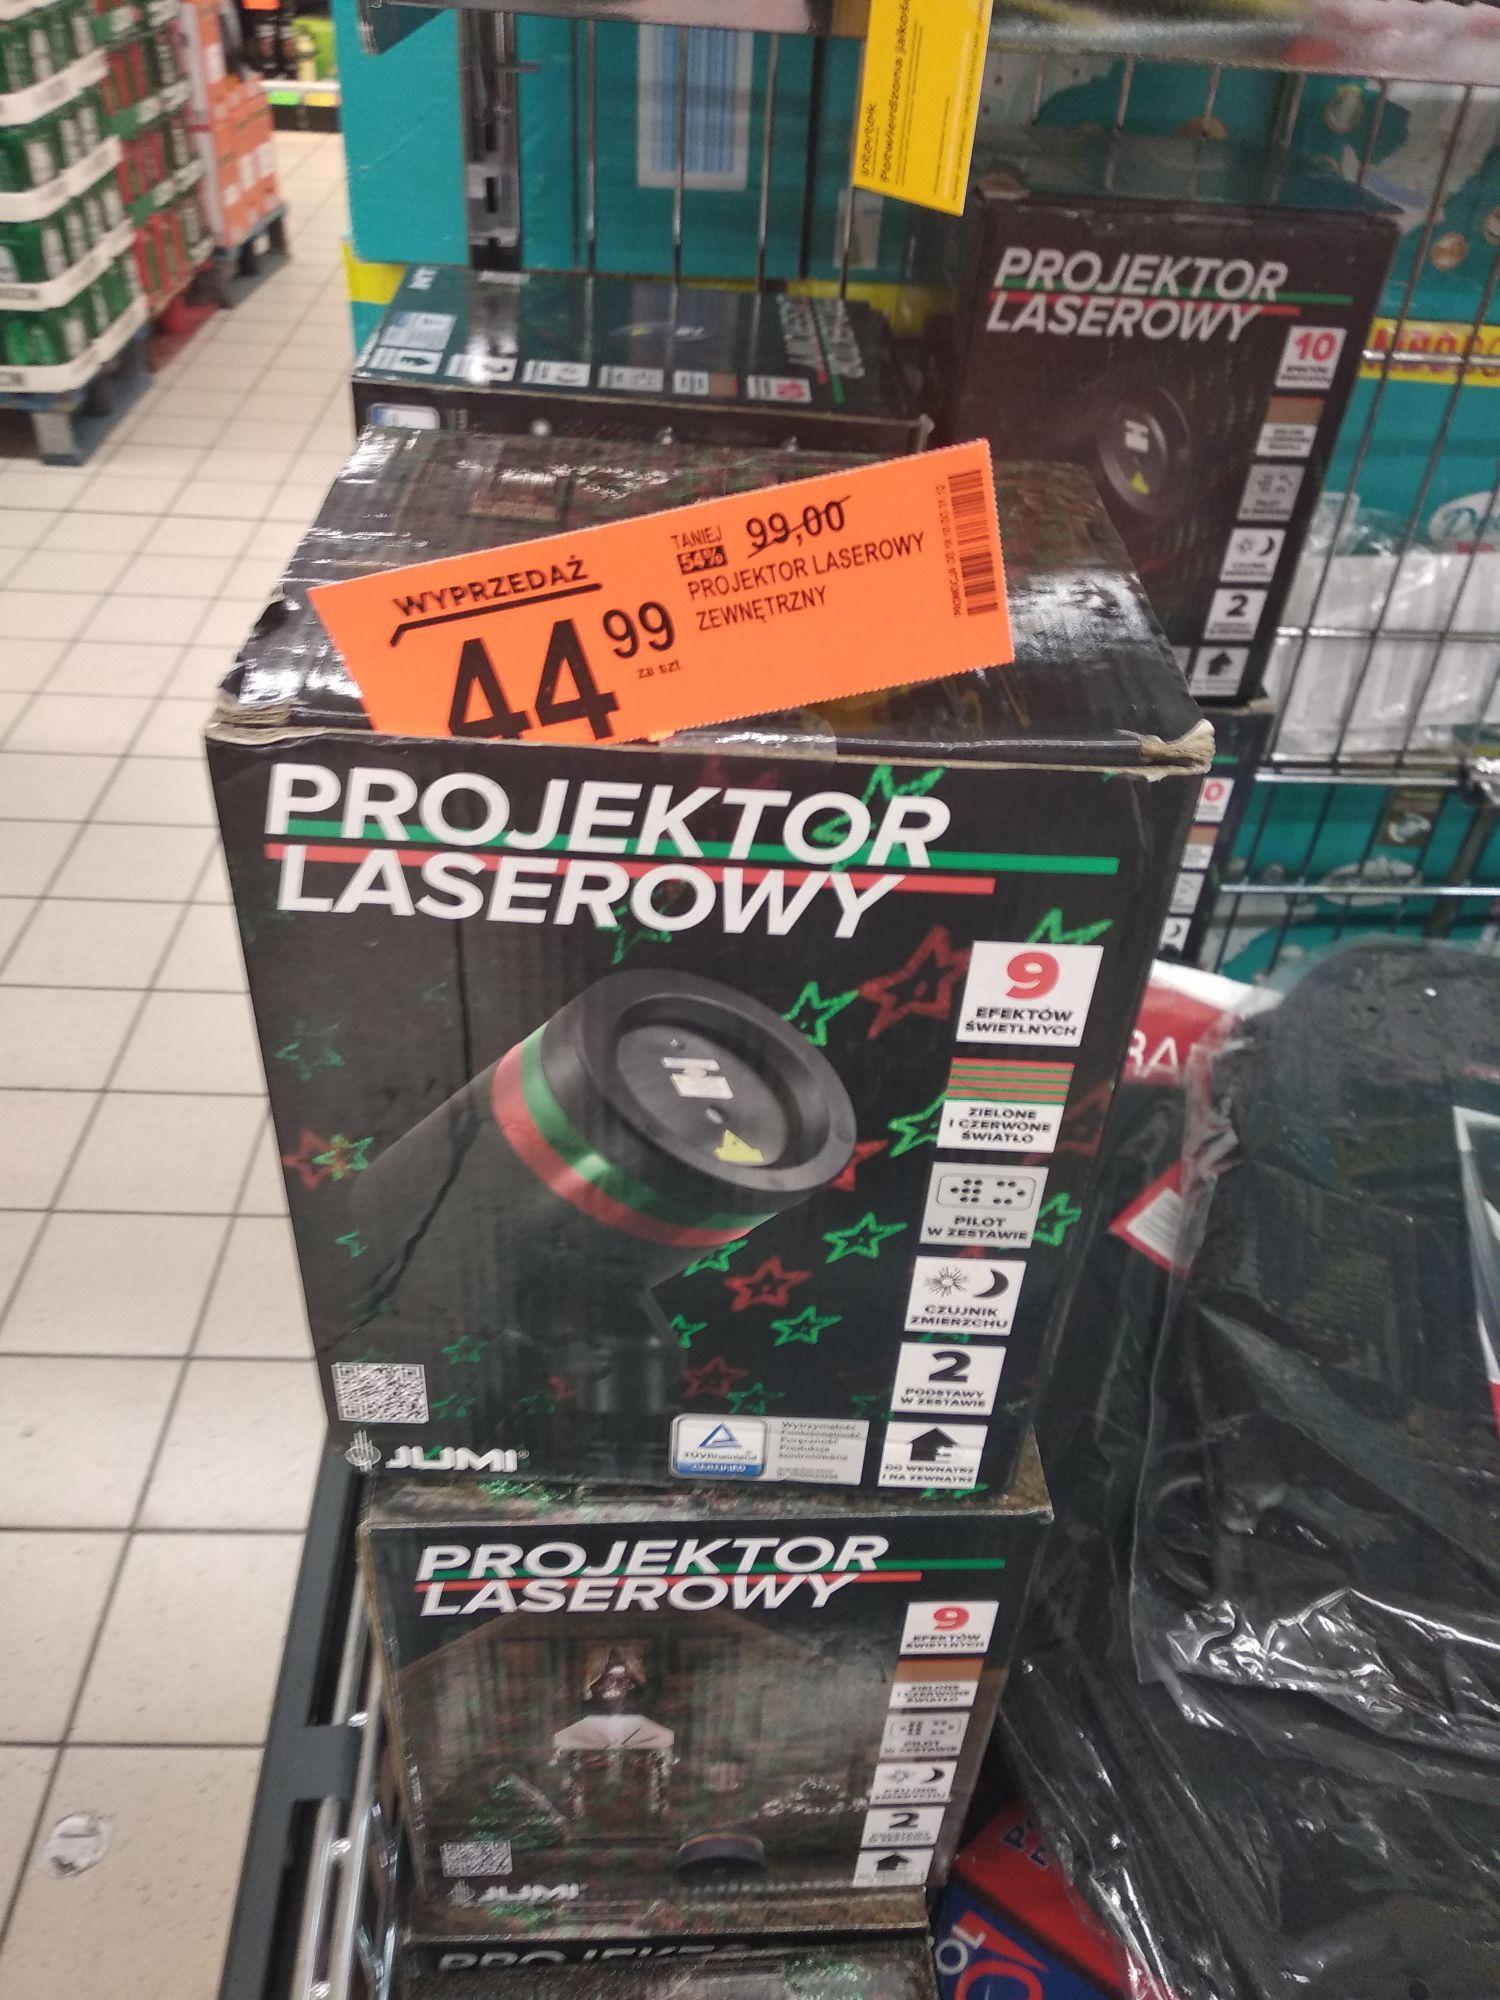 Projektor laserowy zewnetrzny biedronka